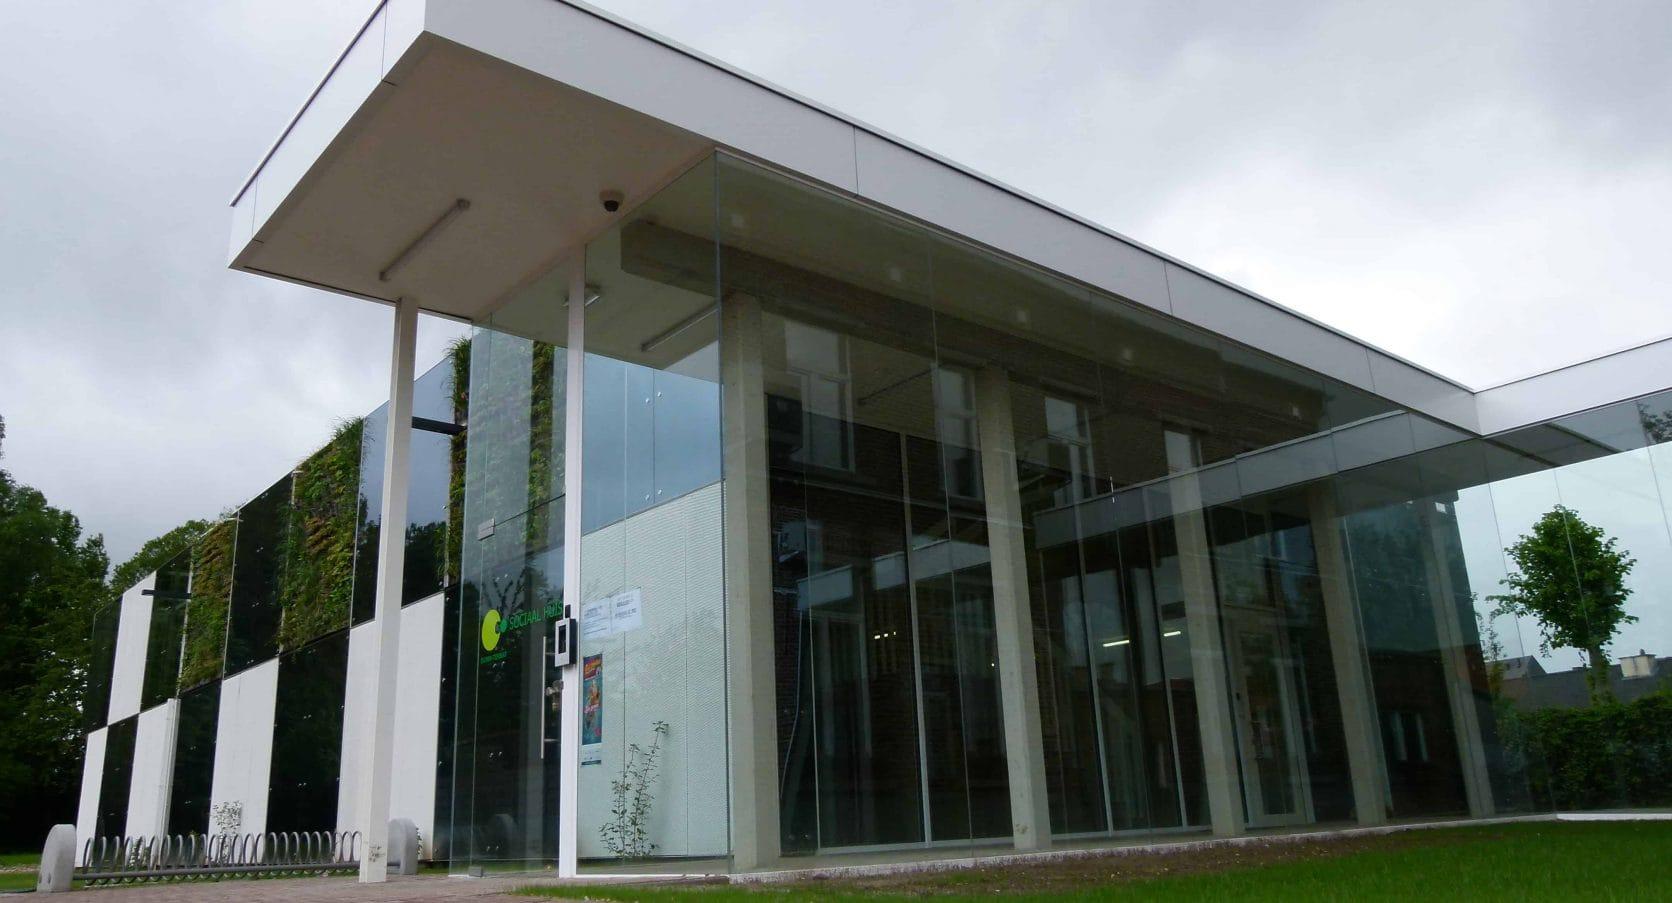 Ingang van het Sociaal Huis in Ternat, welke ontworpen is door architect De Bouwerij, uitgerust met MD Strekmetaal en Flack gevelbekleding